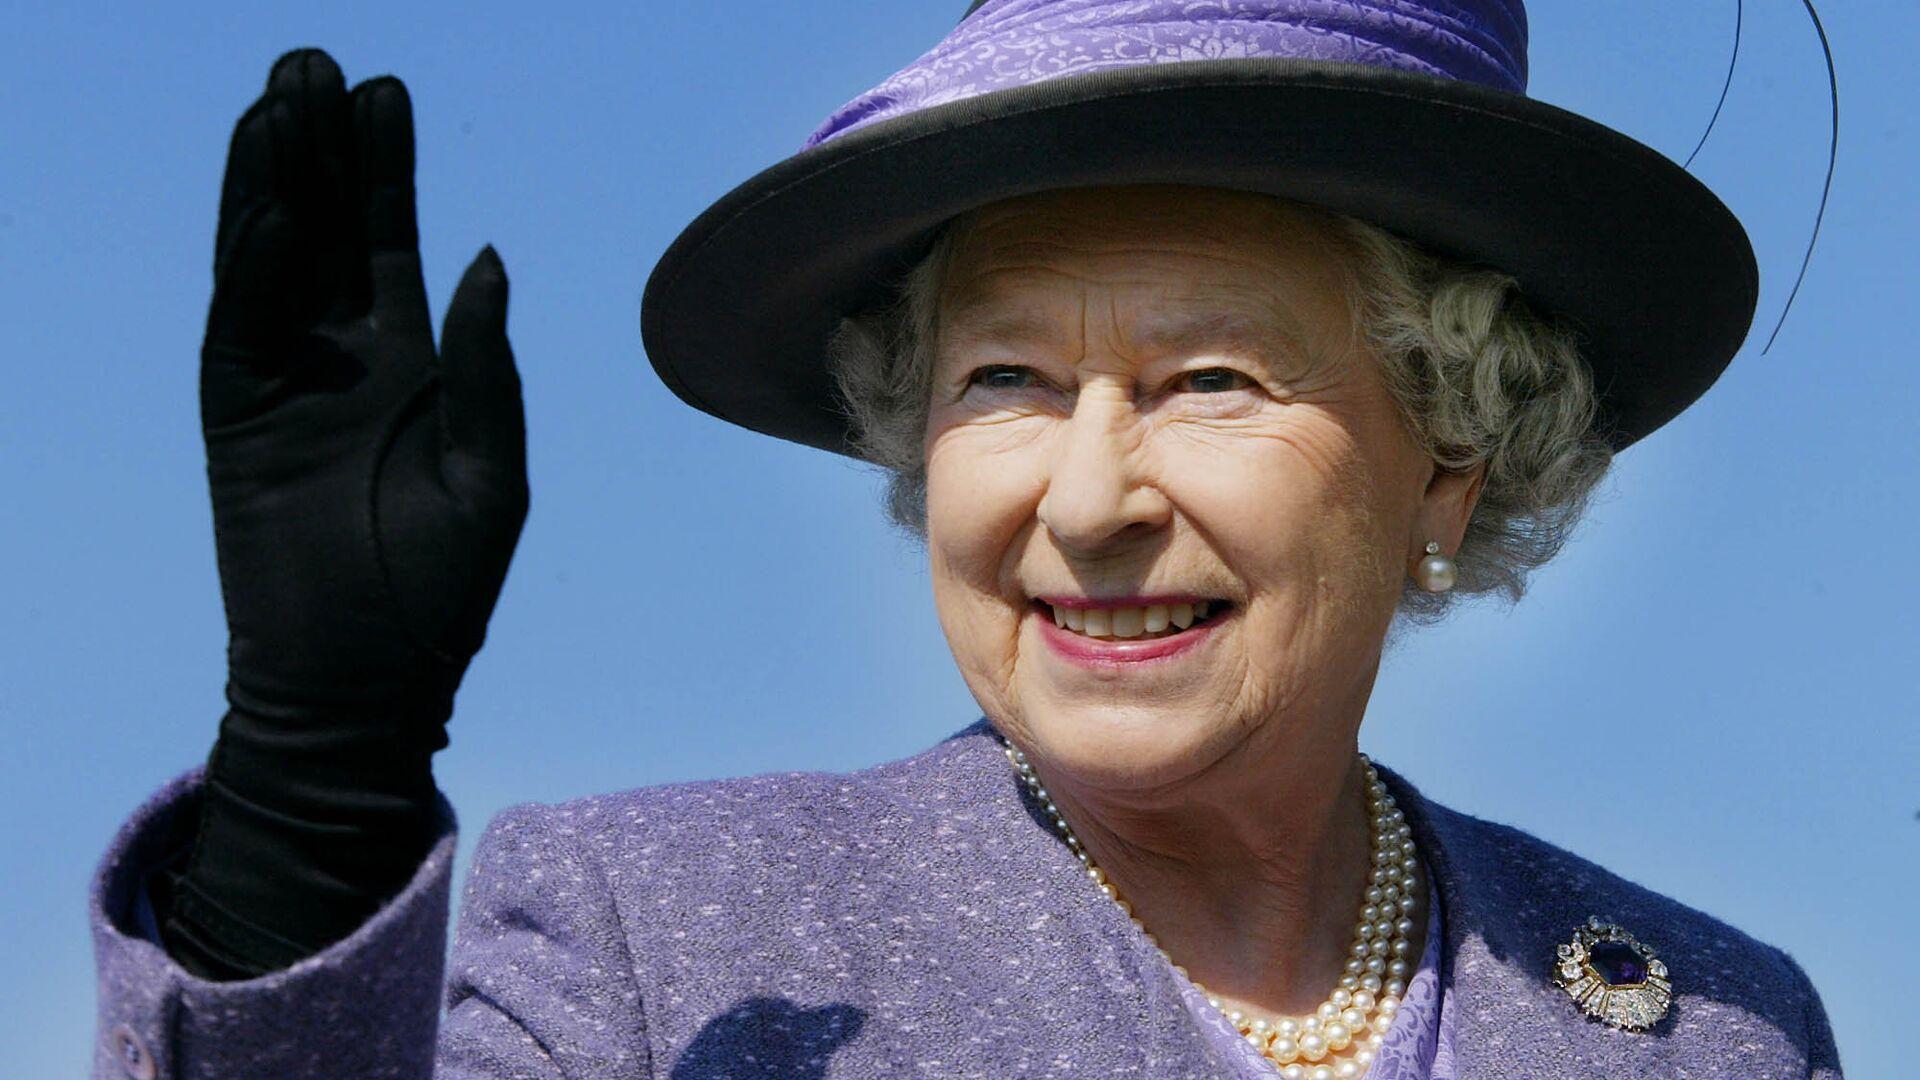 Королева Великобритании Елизавета II во время визита в Канаду в октябре 2002 - Sputnik Латвия, 1920, 14.10.2021